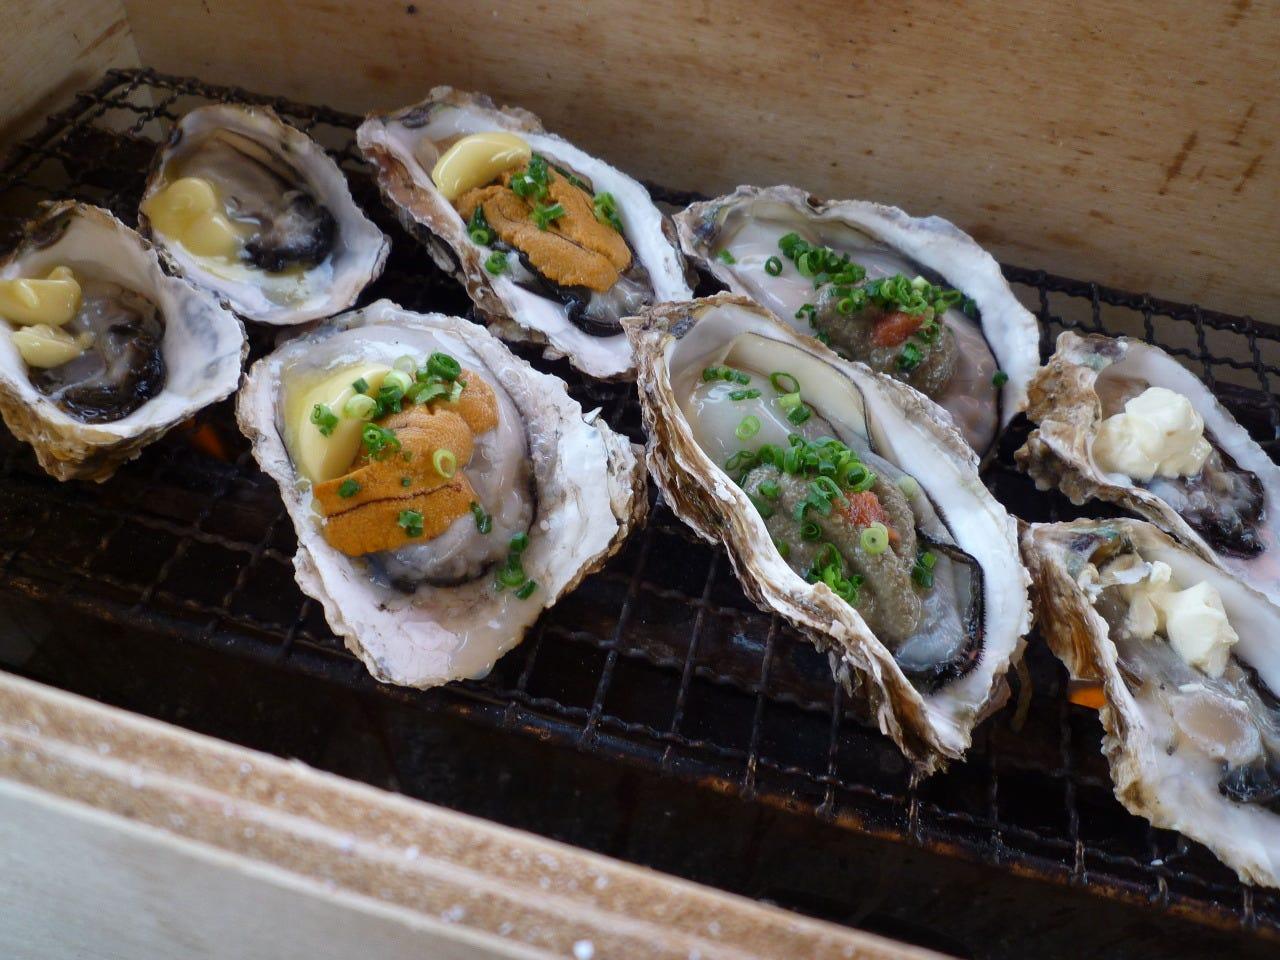 トッピング牡蠣をお楽しみ下さい☆土日限定、数量限定!